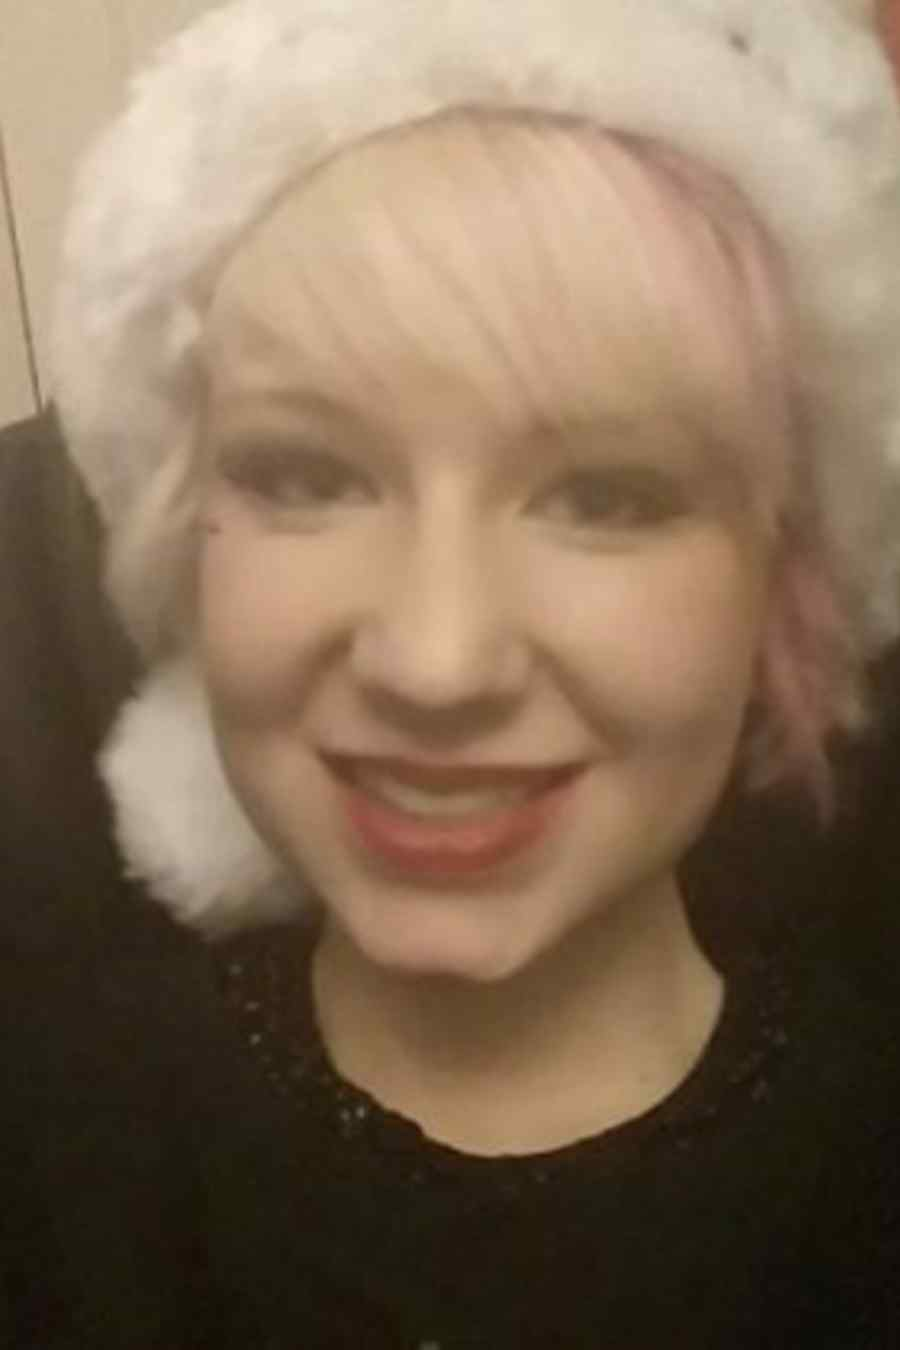 Eloise Parry con gorro de navidad